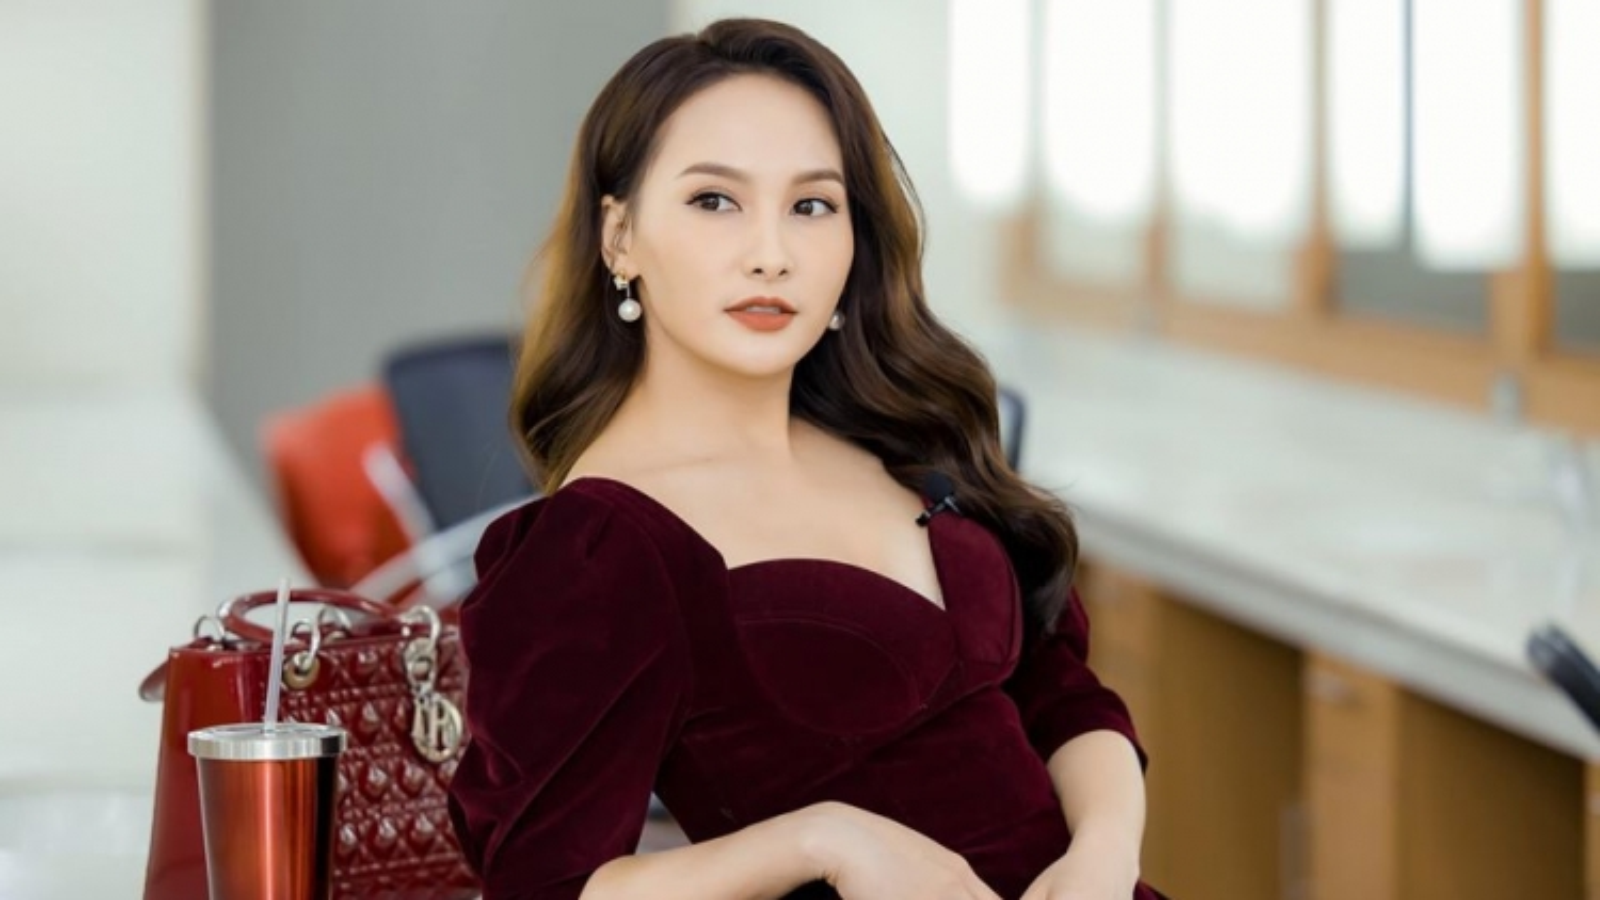 Chuyện showbiz: Bảo Thanh lên tiếng khi bị miệt thị ngoại hình sau sinh